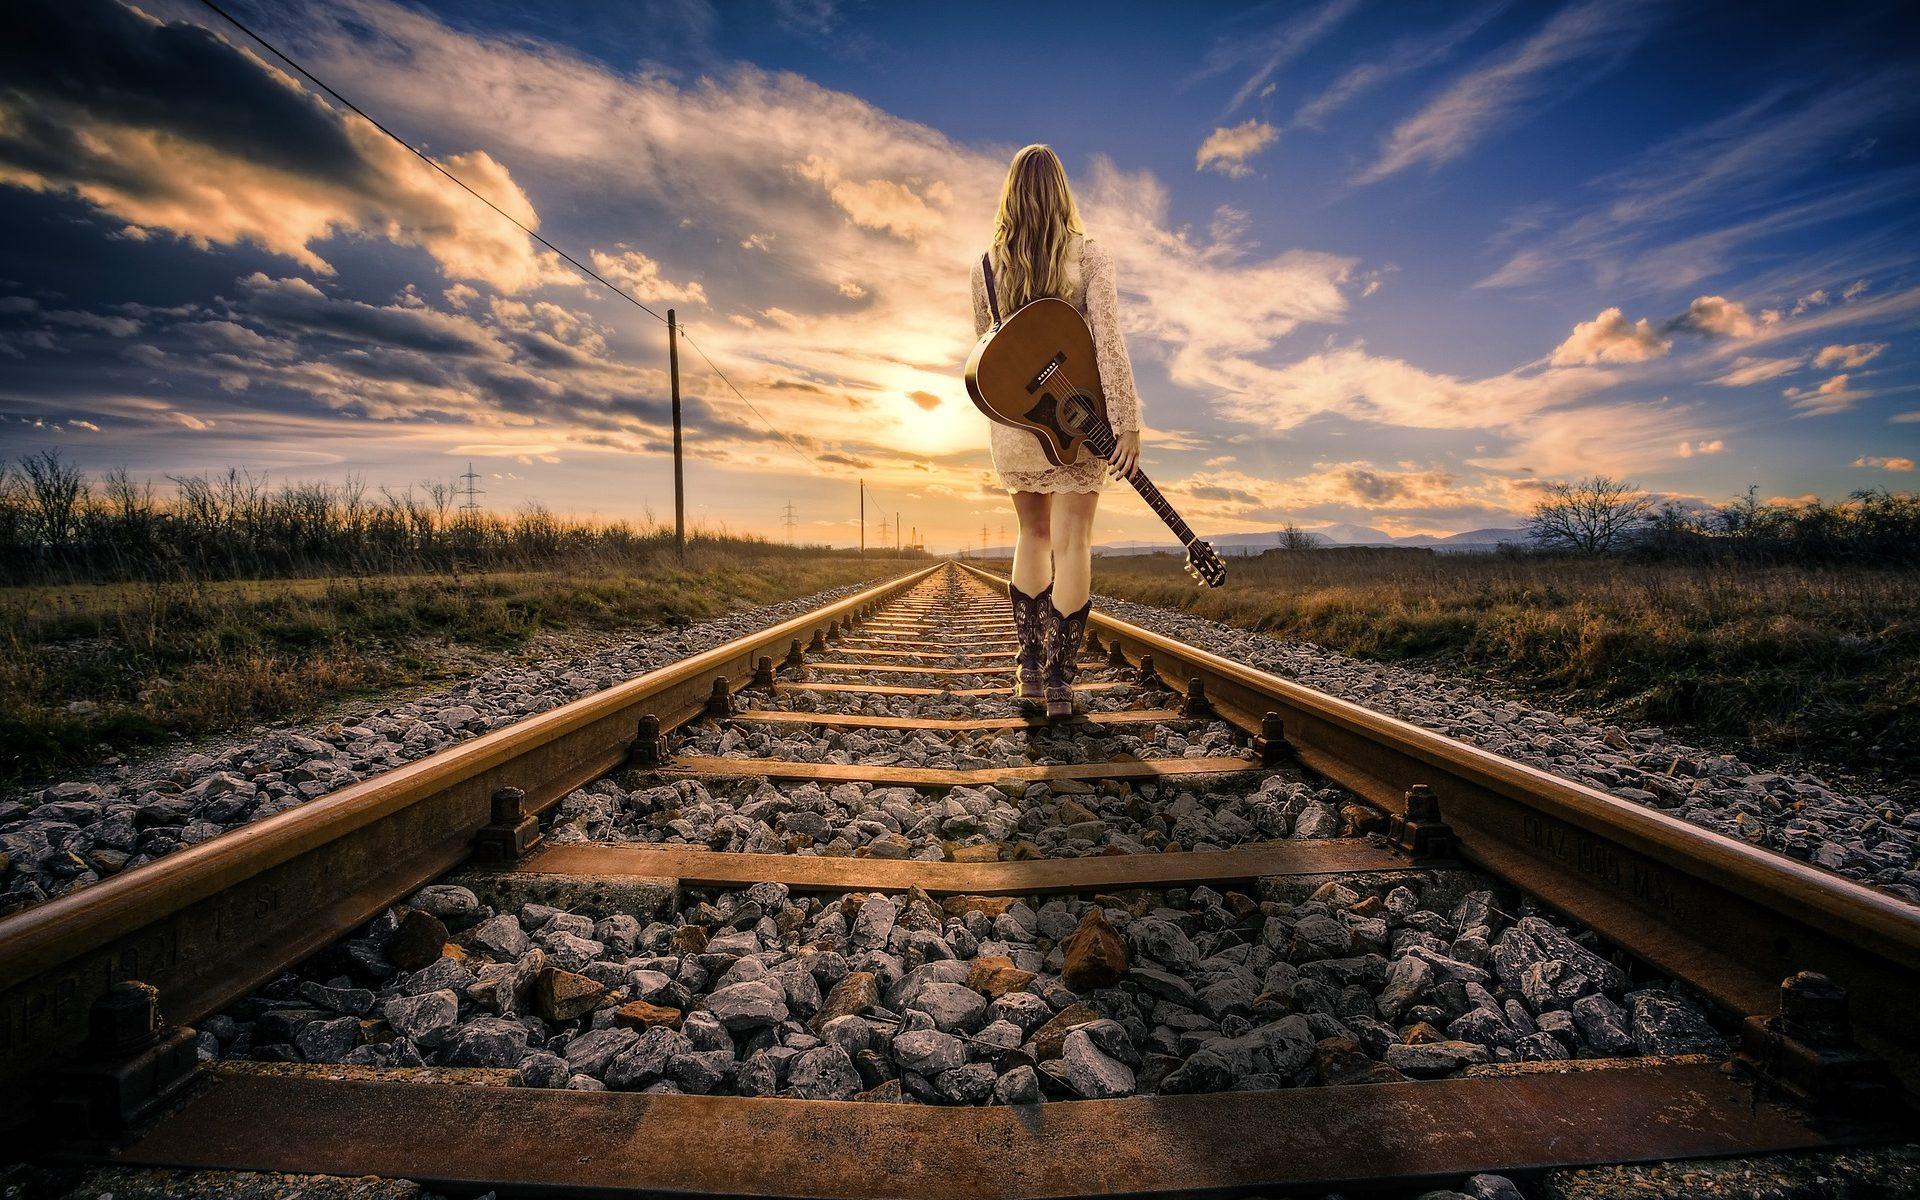 Chemin de fer pour représenter l'idée du cours de la vie